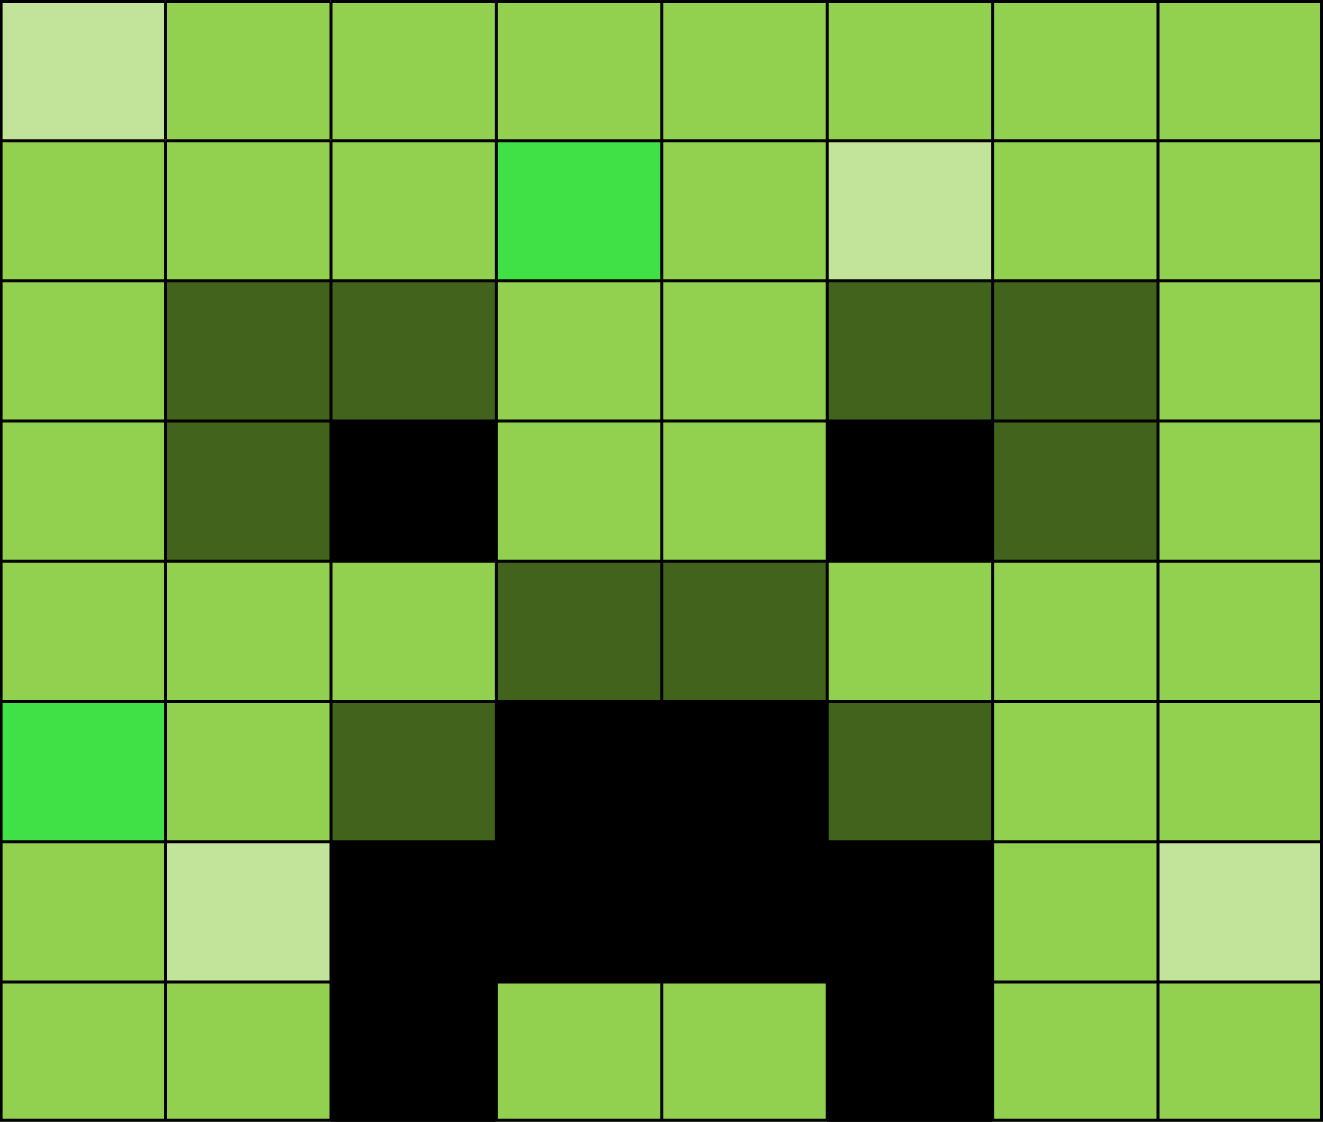 minecraft creeper face wwwimgkidcom the image kid